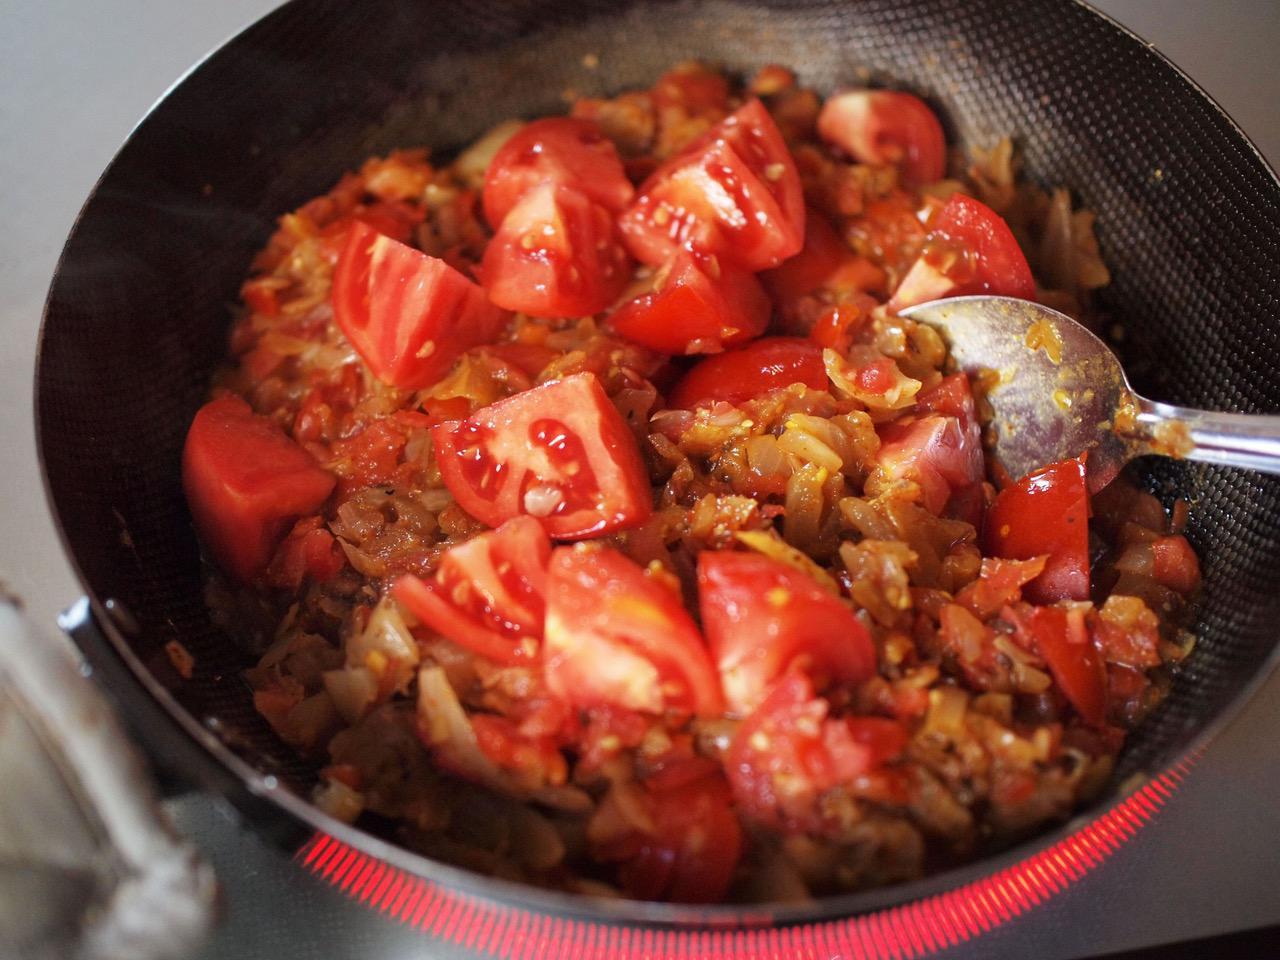 画像: さらに具材としてのフレッシュトマトを投入し、トマト消費にはげみます